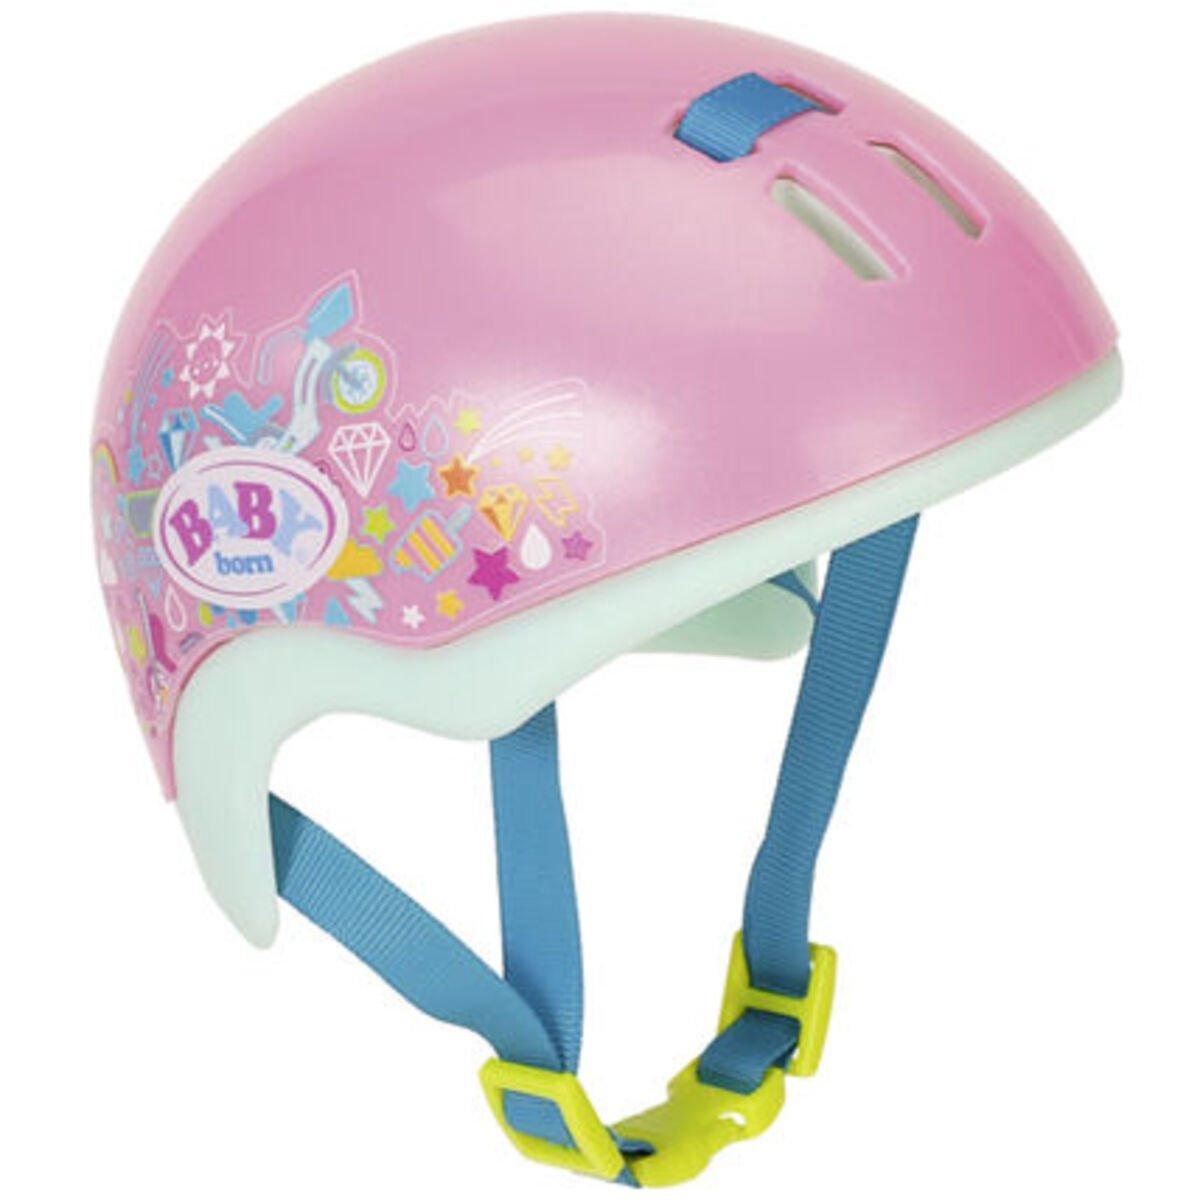 Bild 1 von Zapf Creation® BABY born® Play&Fun Fahrradhelm